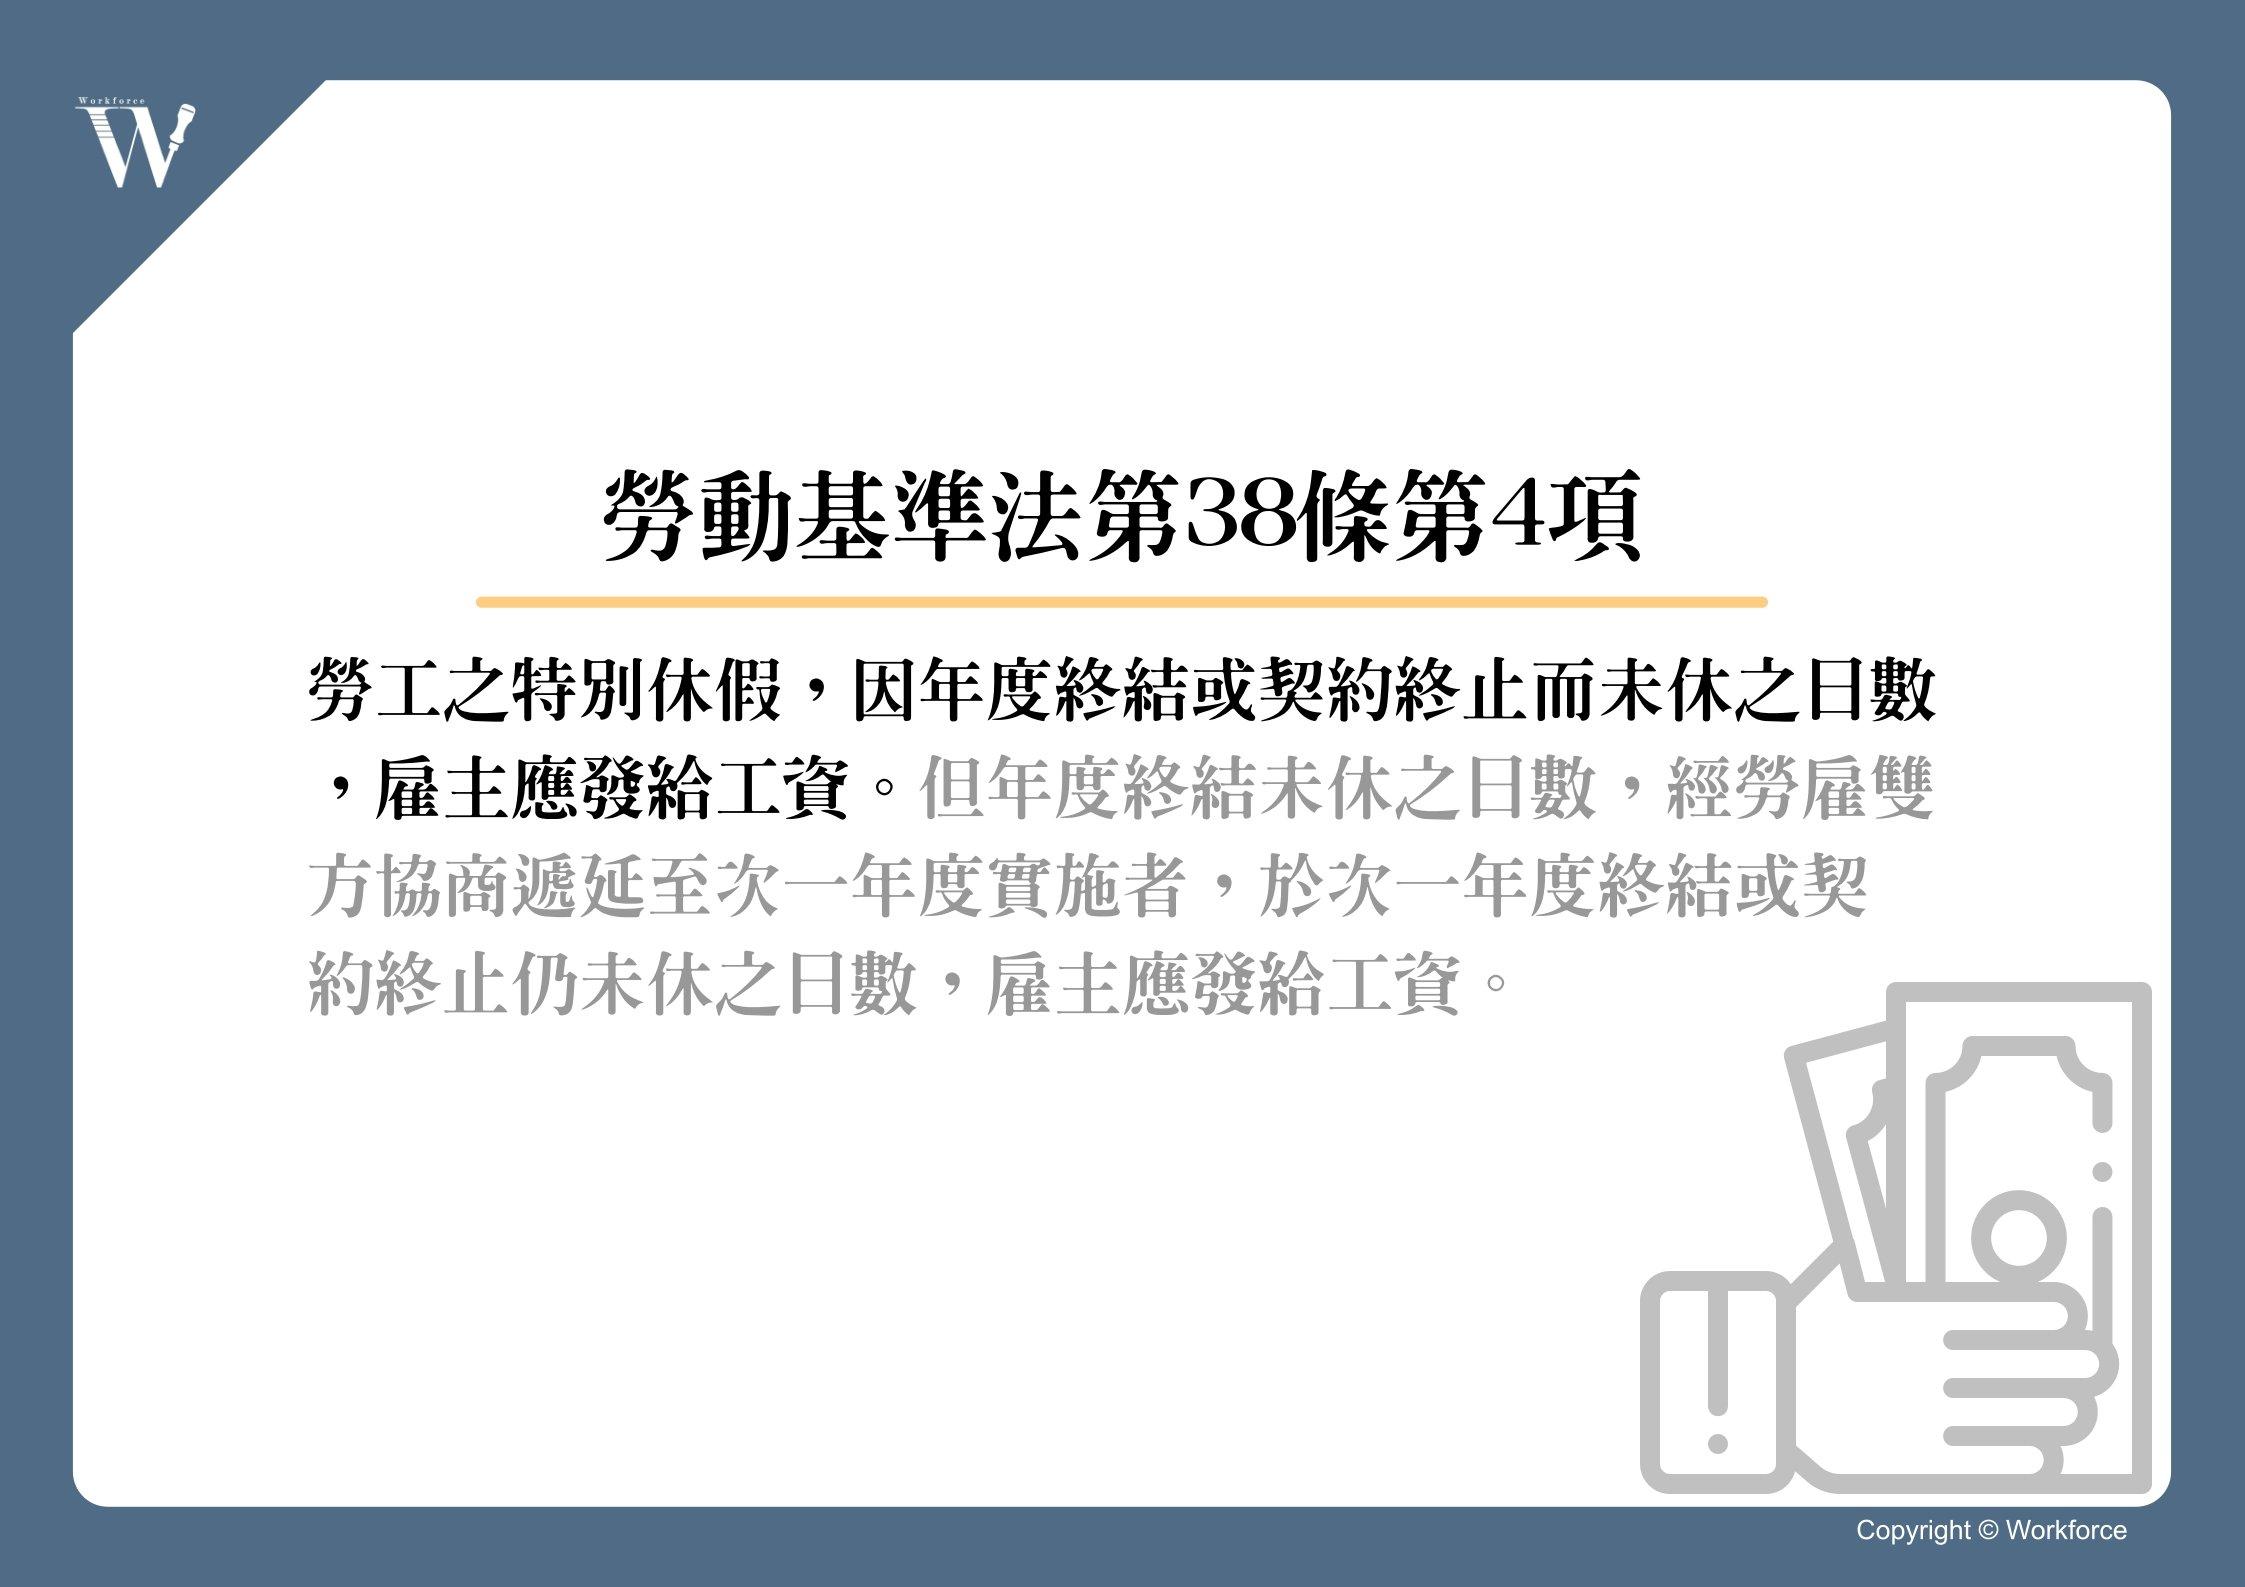 特別休假使用手冊 勞動基準法第38條第4項